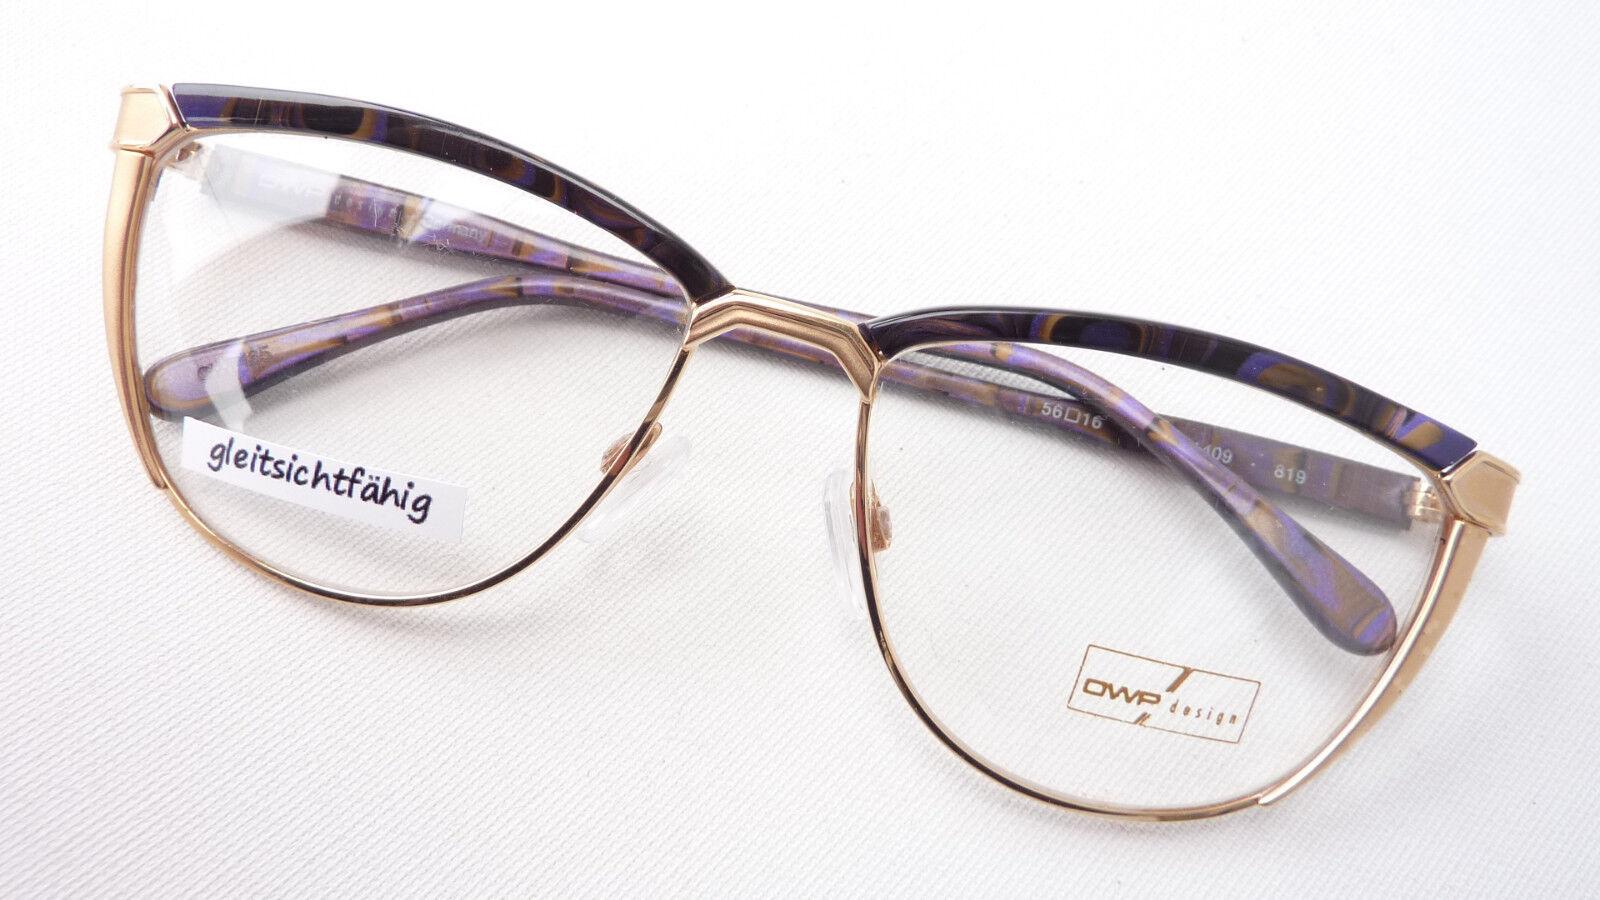 Brillengestell Damen Brille Metall hochwertig groß exklusiv gold lila braun Gr L